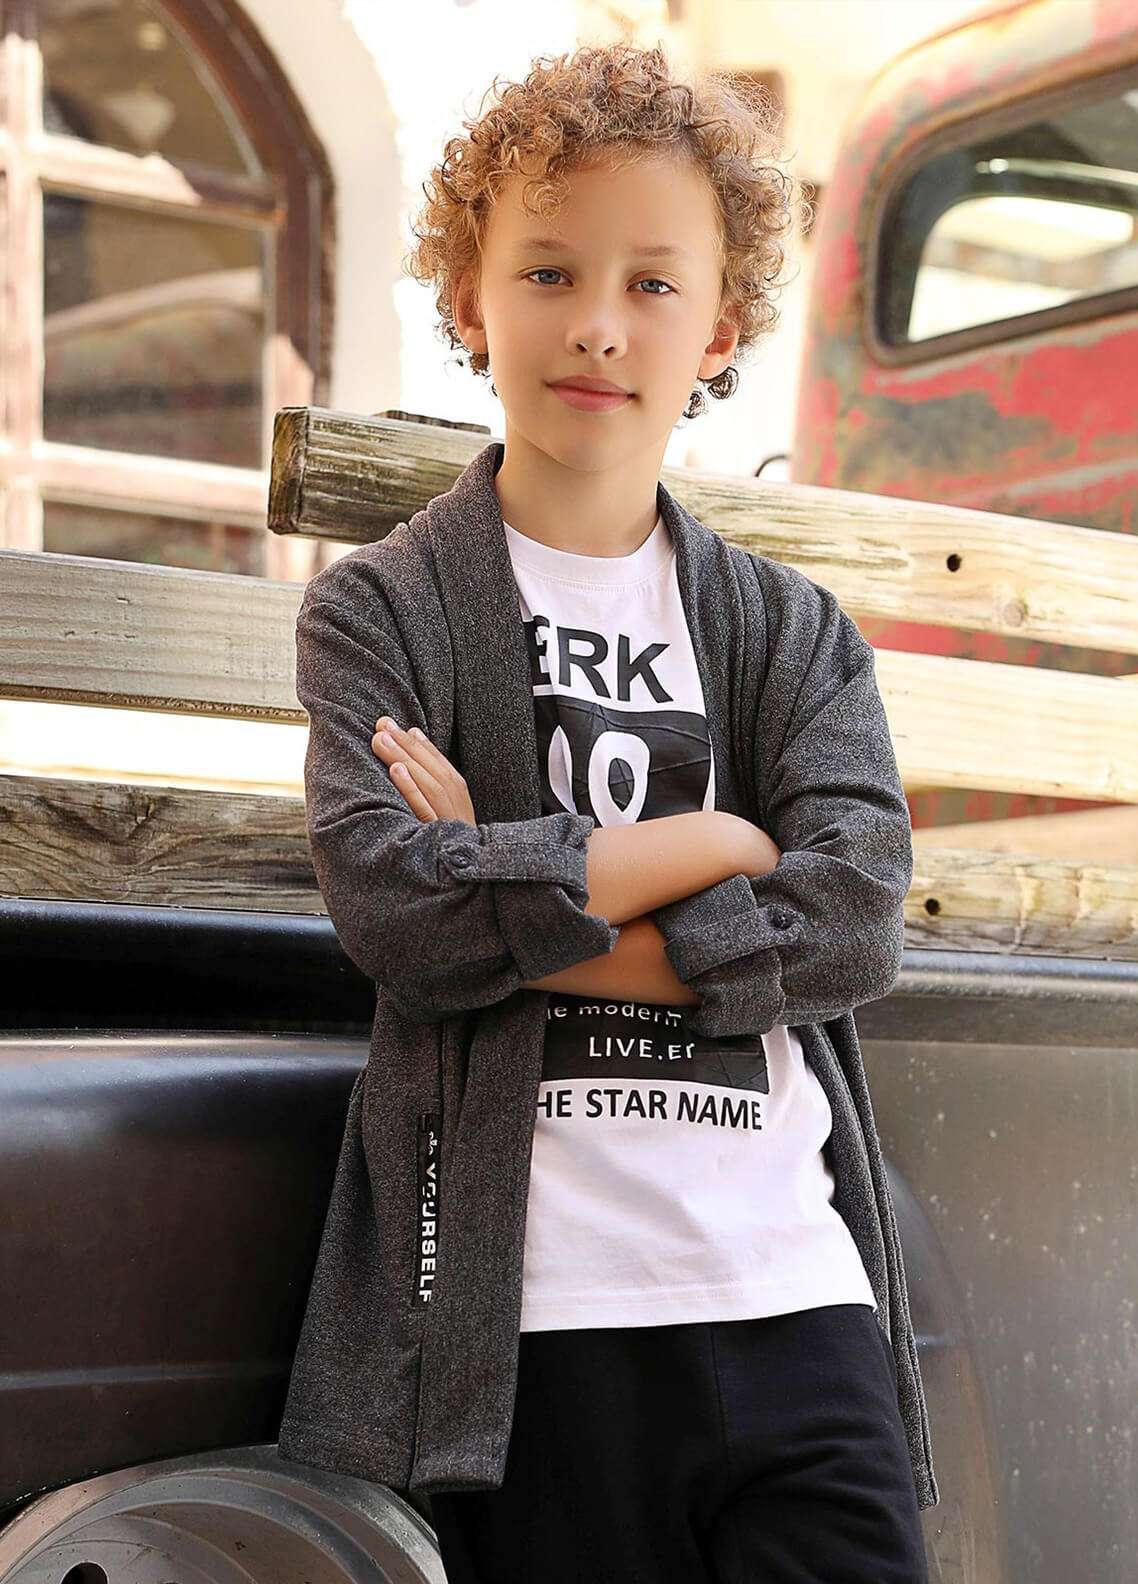 Edenrobe Cotton Casual Boys Shirts - Grey 014359